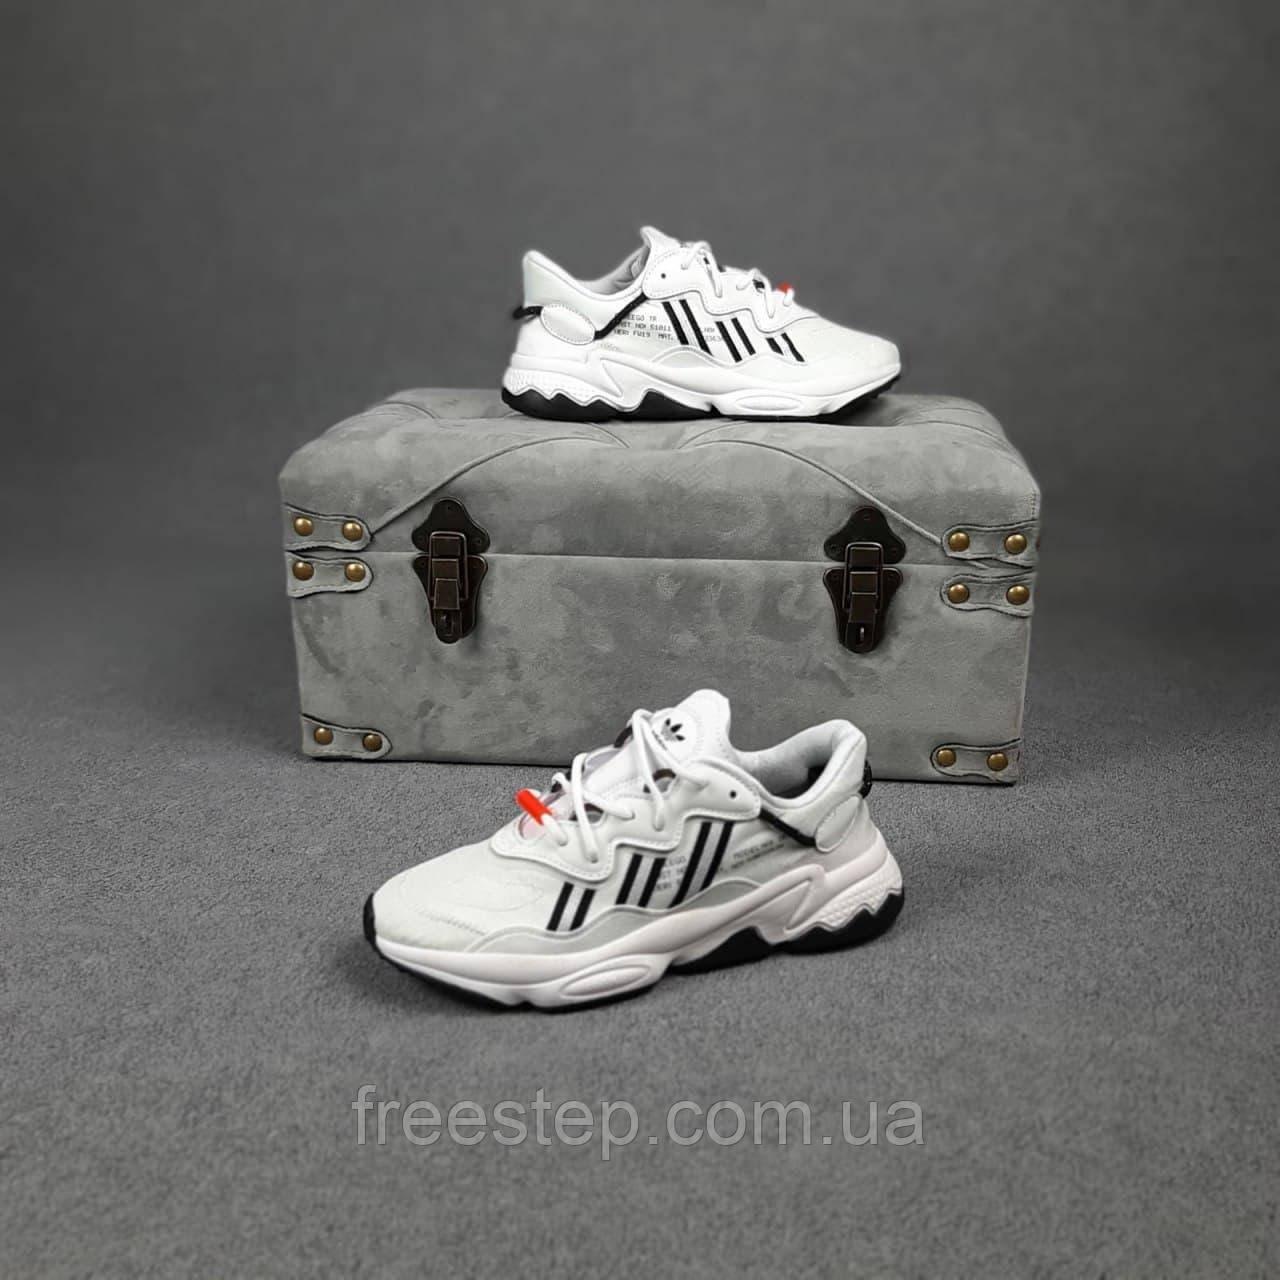 Мужские кроссовки в стиле Adidas Ozweego TR белые с чёрным